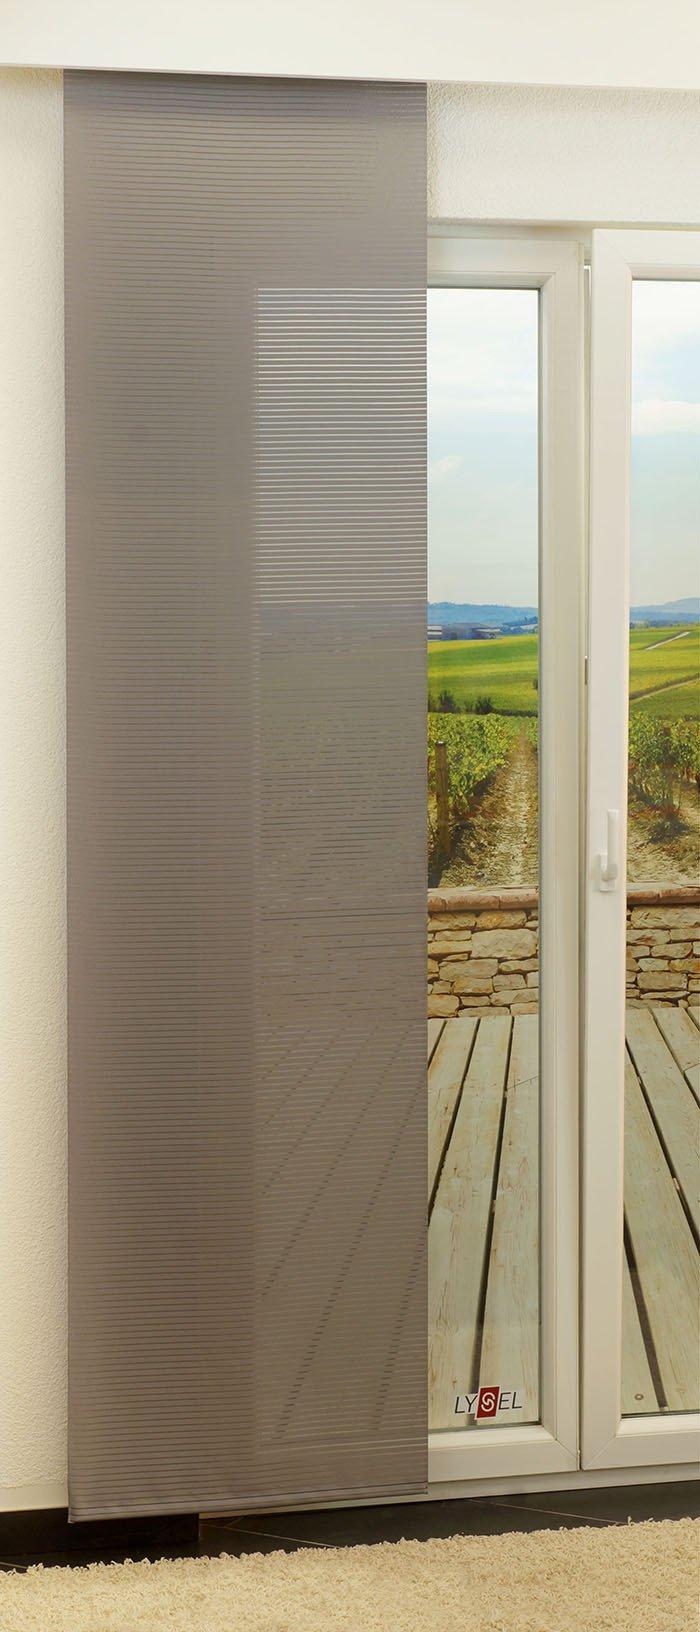 lysel schiebegardinen groom steingrau breite 60 x h he 245 cm ebay. Black Bedroom Furniture Sets. Home Design Ideas